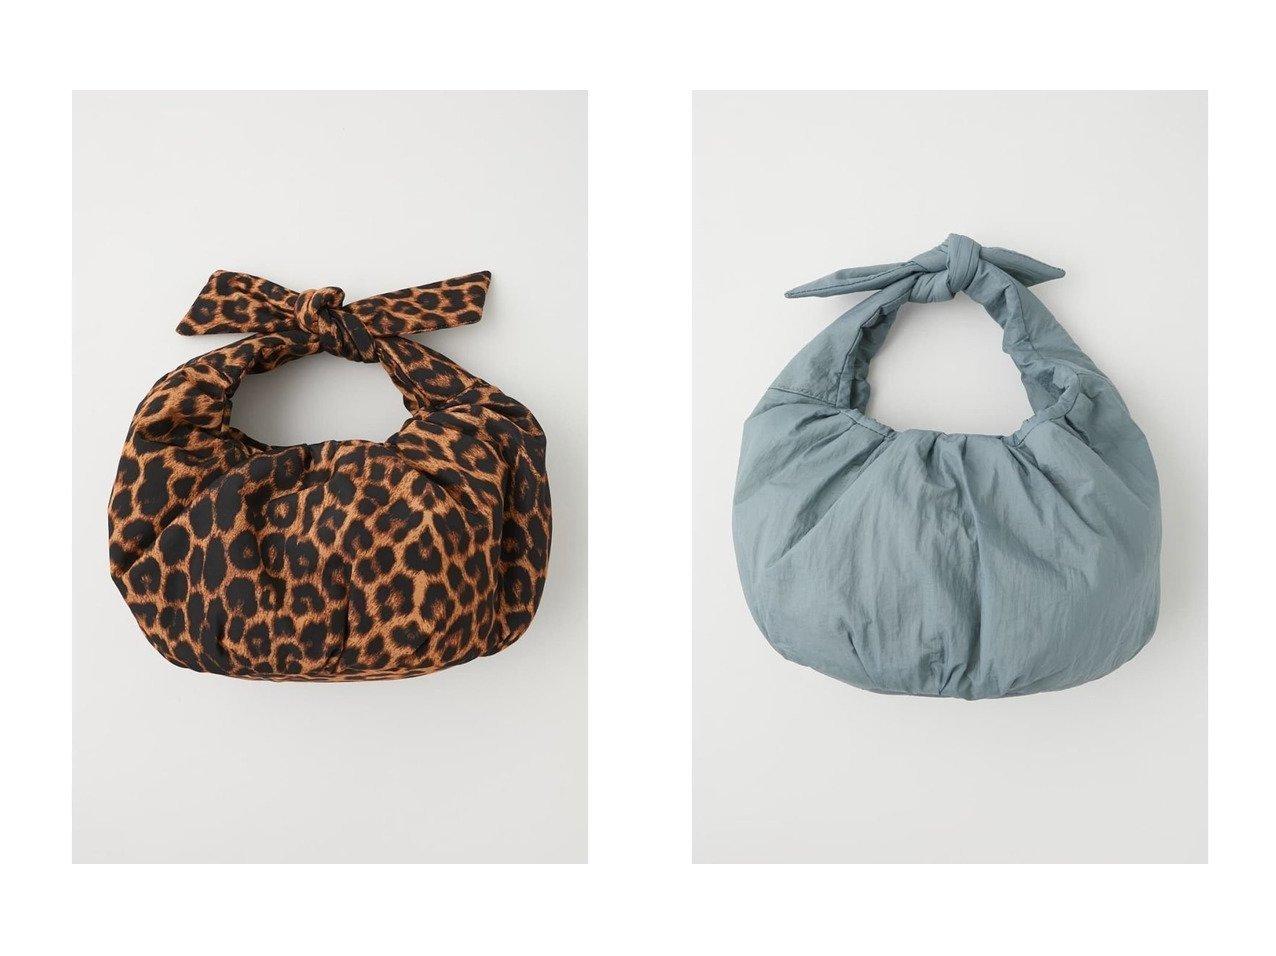 【moussy/マウジー】のKNOT HOBO バッグ バッグ・鞄のおすすめ!人気、トレンド・レディースファッションの通販 おすすめで人気の流行・トレンド、ファッションの通販商品 メンズファッション・キッズファッション・インテリア・家具・レディースファッション・服の通販 founy(ファニー) https://founy.com/ ファッション Fashion レディースファッション WOMEN バッグ Bag ショルダー ハンドバッグ リボン |ID:crp329100000022623